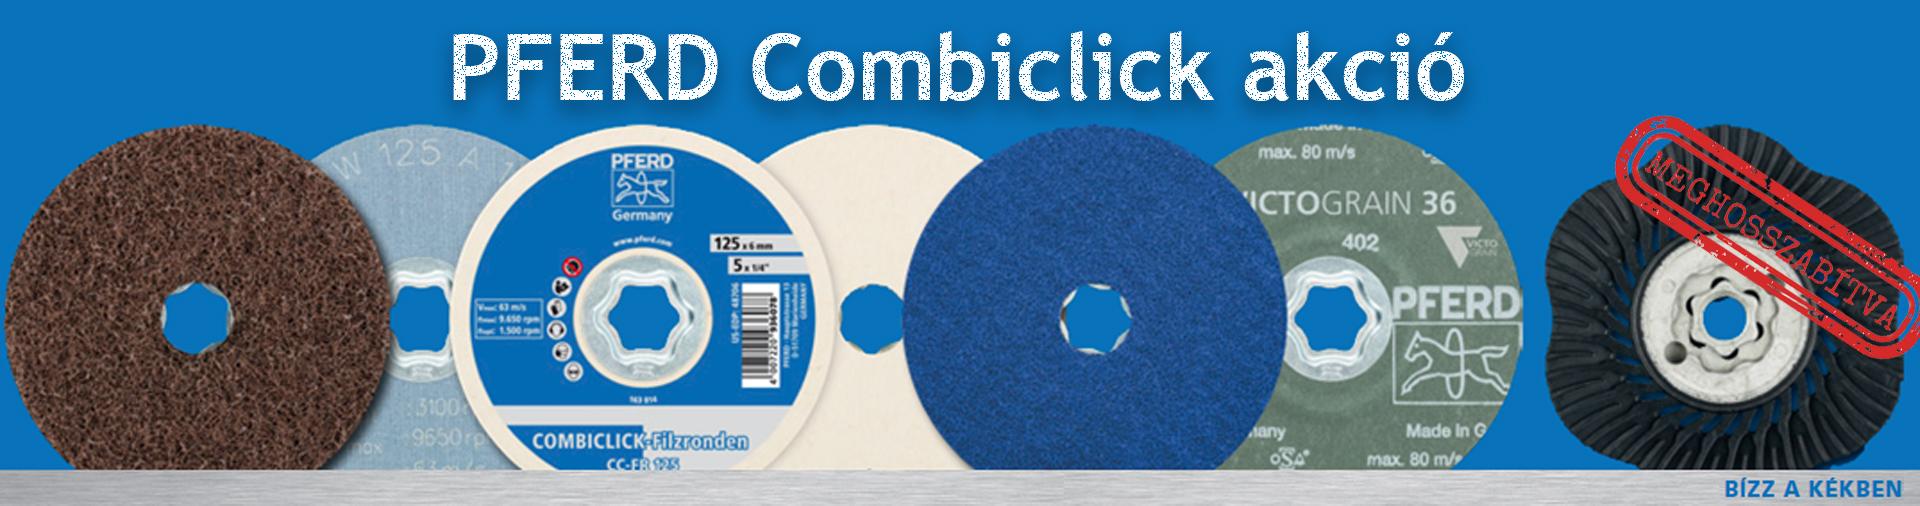 PFERD Combiclick akció banner